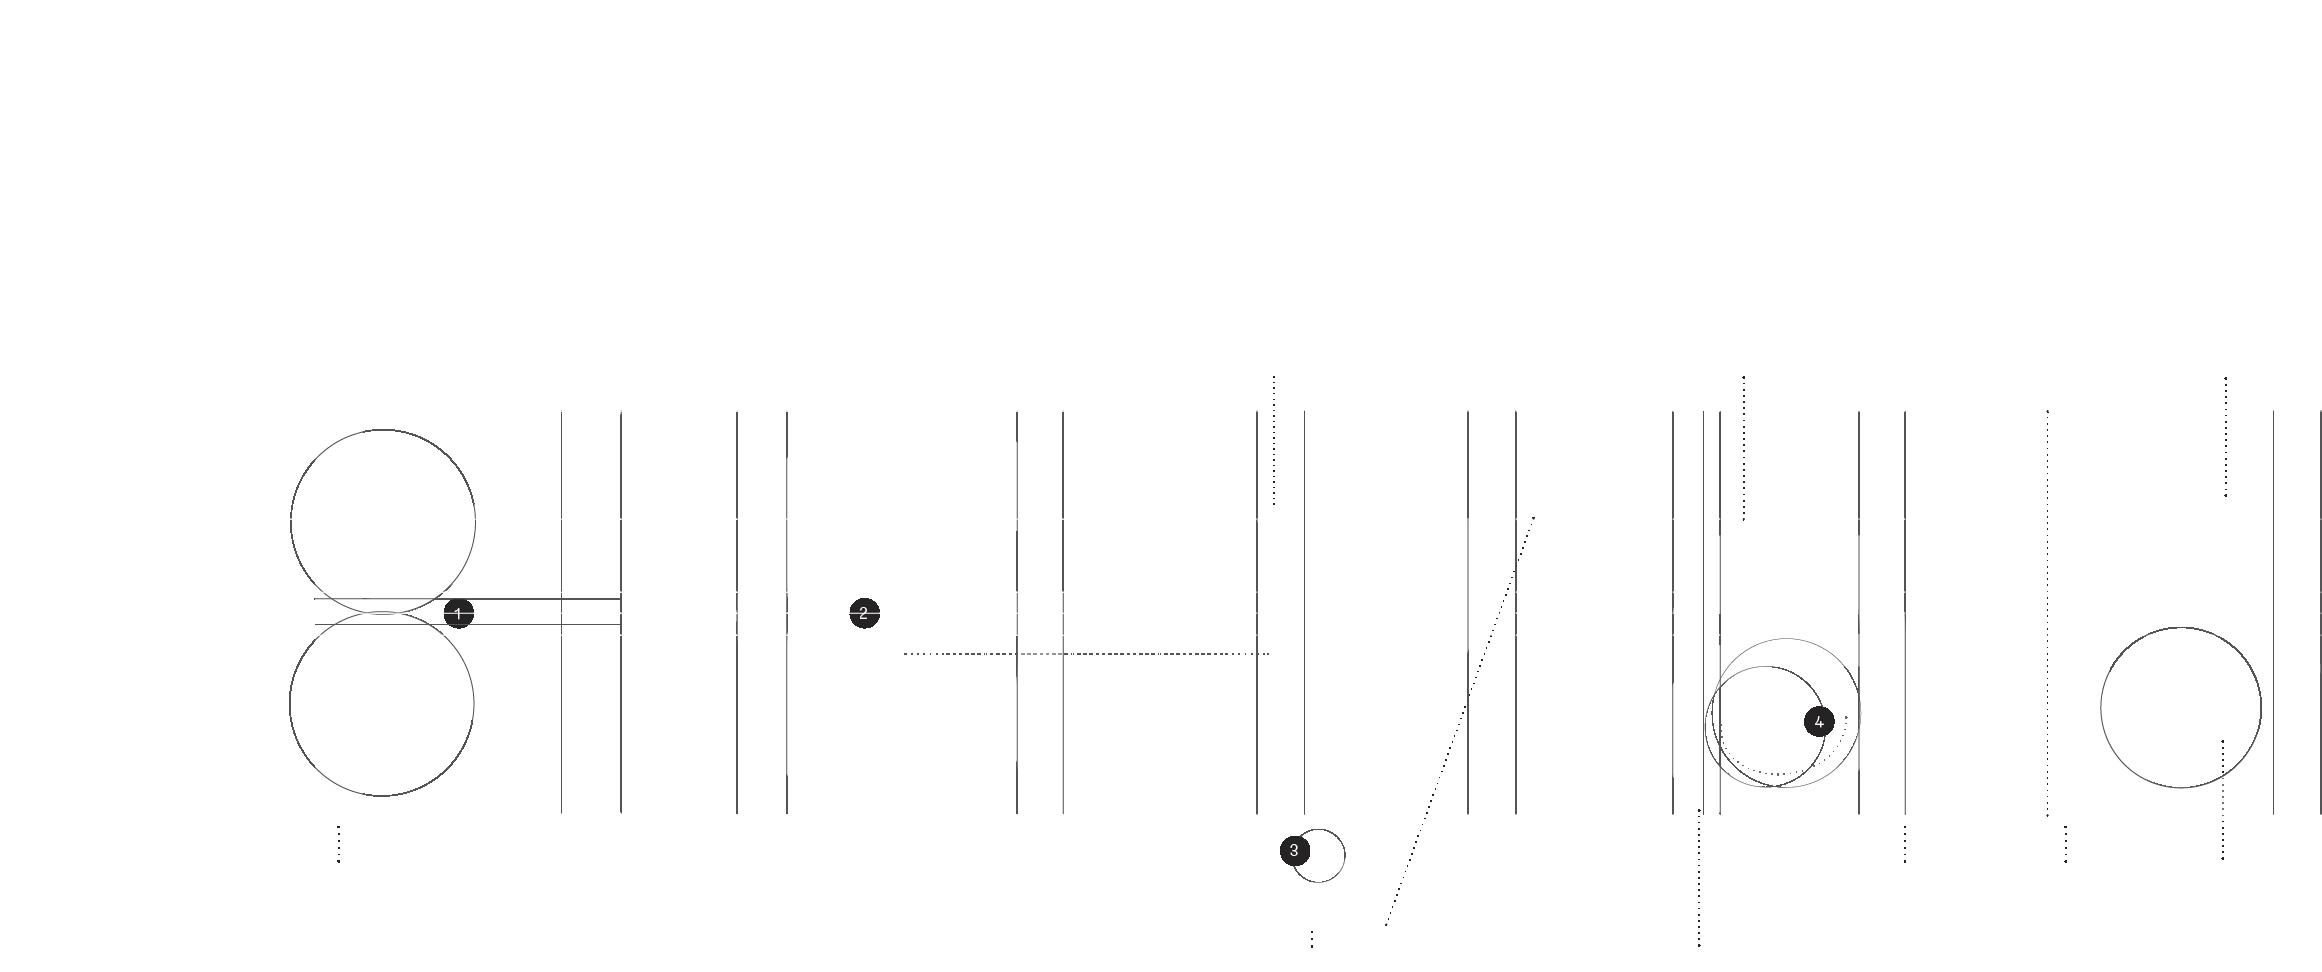 Workbyw_Kahf_Typography-01